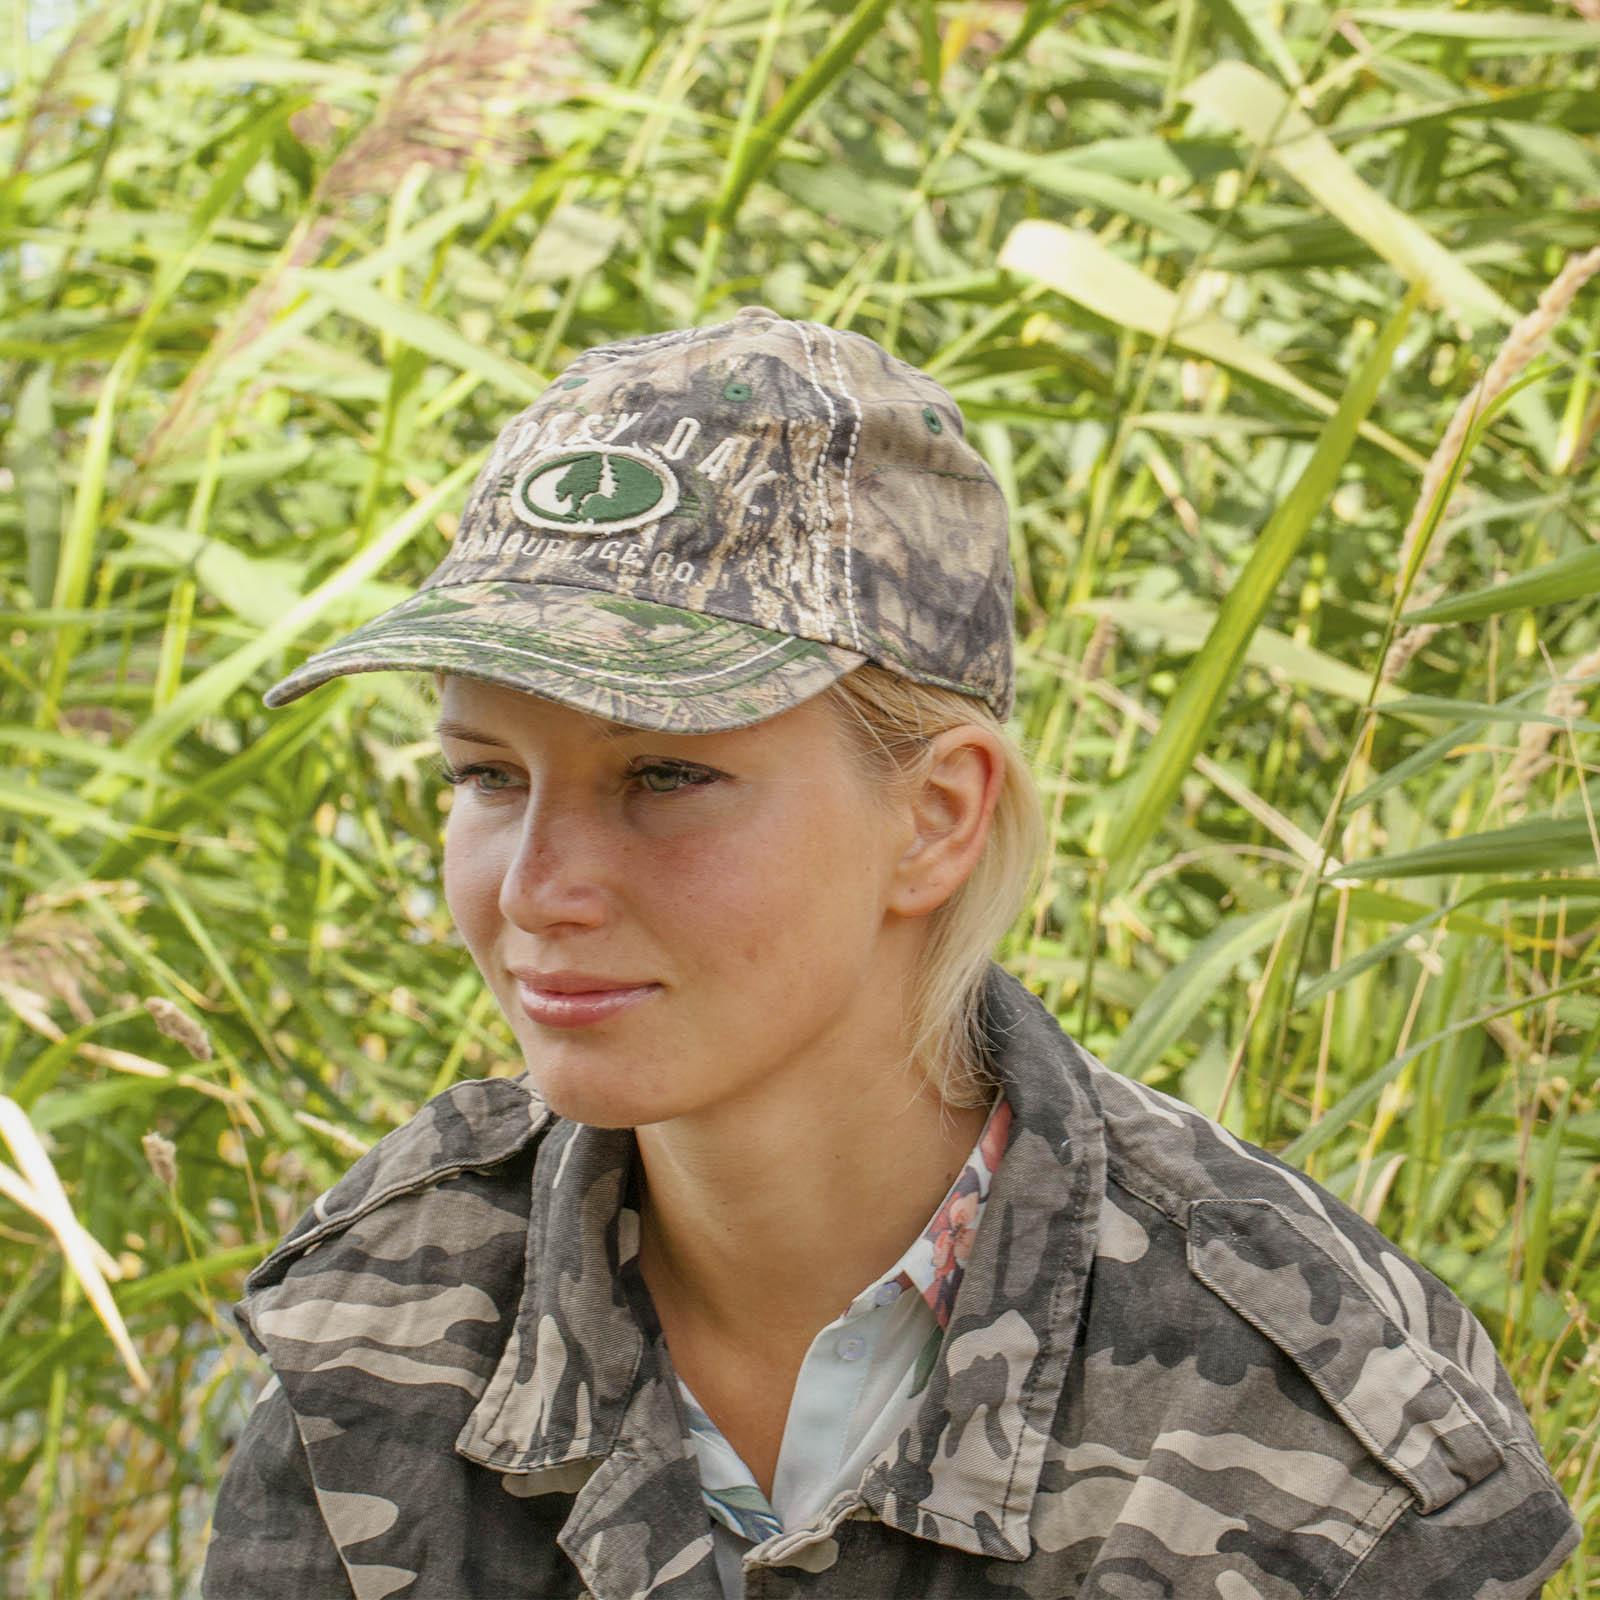 Экипировка, одежда и головные уборы для охотников